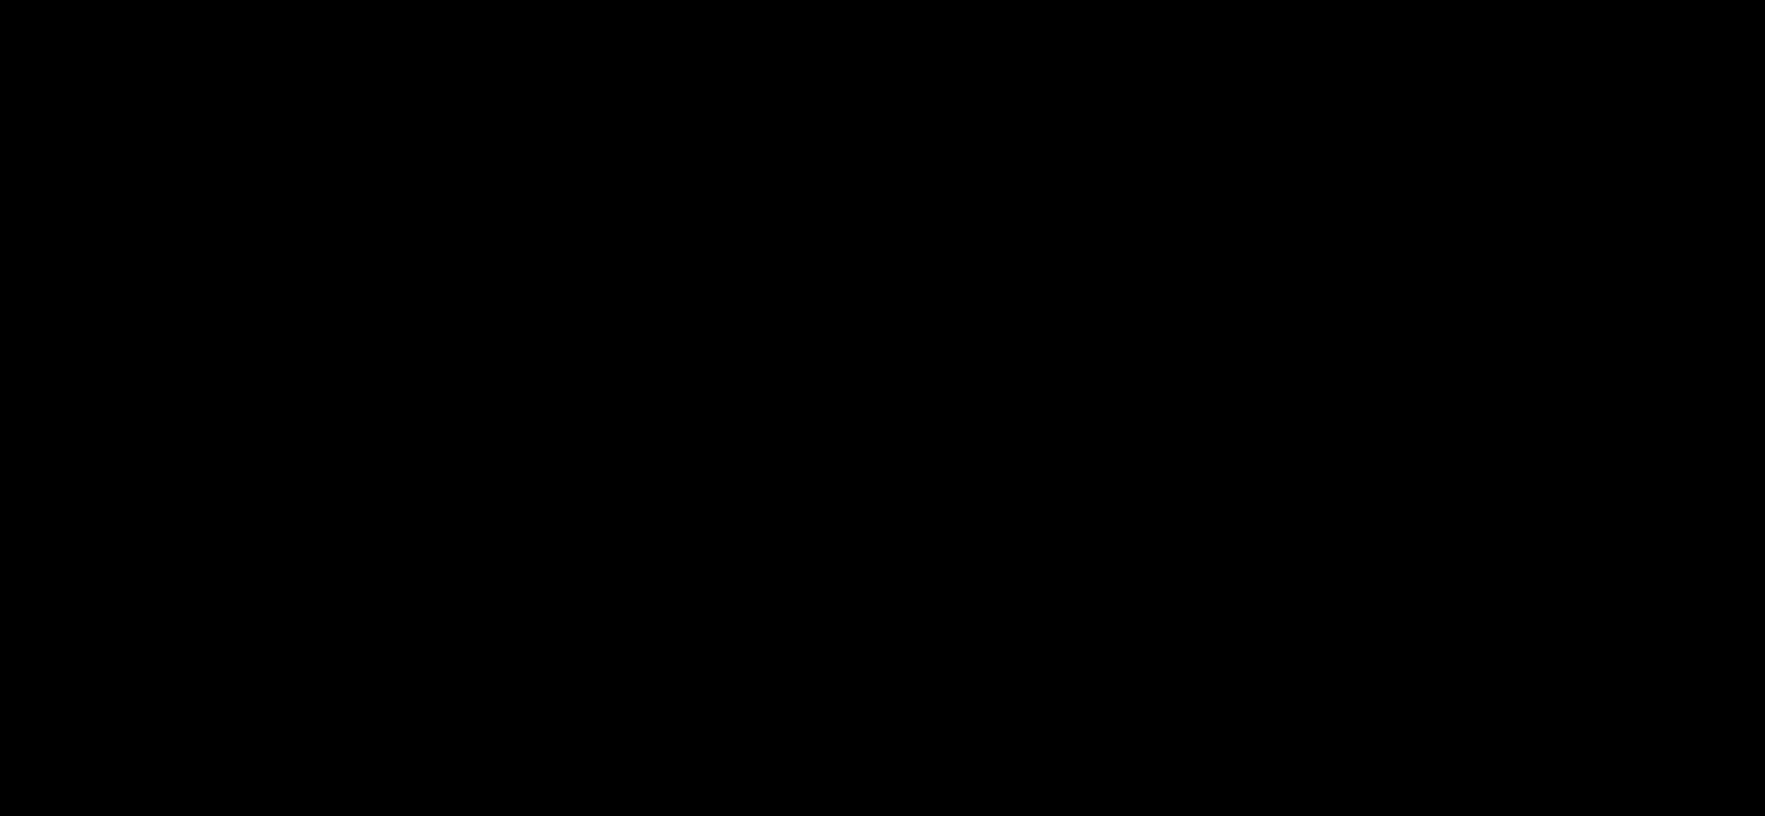 O Modelo de Galsl é uma escada na descendente cada degrau representando um nível de conflito. São 9 degraus indo do nível 1 até 9. Sobre cada degrau da escada tem o nome do nível: 1. Endurecimento; 2. Debate e Polêmica; 3. Ação ao invés de Palavras; 4. Imagens e Coalizões; 5. Perda do Rosto; 6. Estratégia de Ameaça; 7. Ataques Destrutivos Limitados; 8. Fragmentação do Inimigo; 9. Juntos para o Abismo.